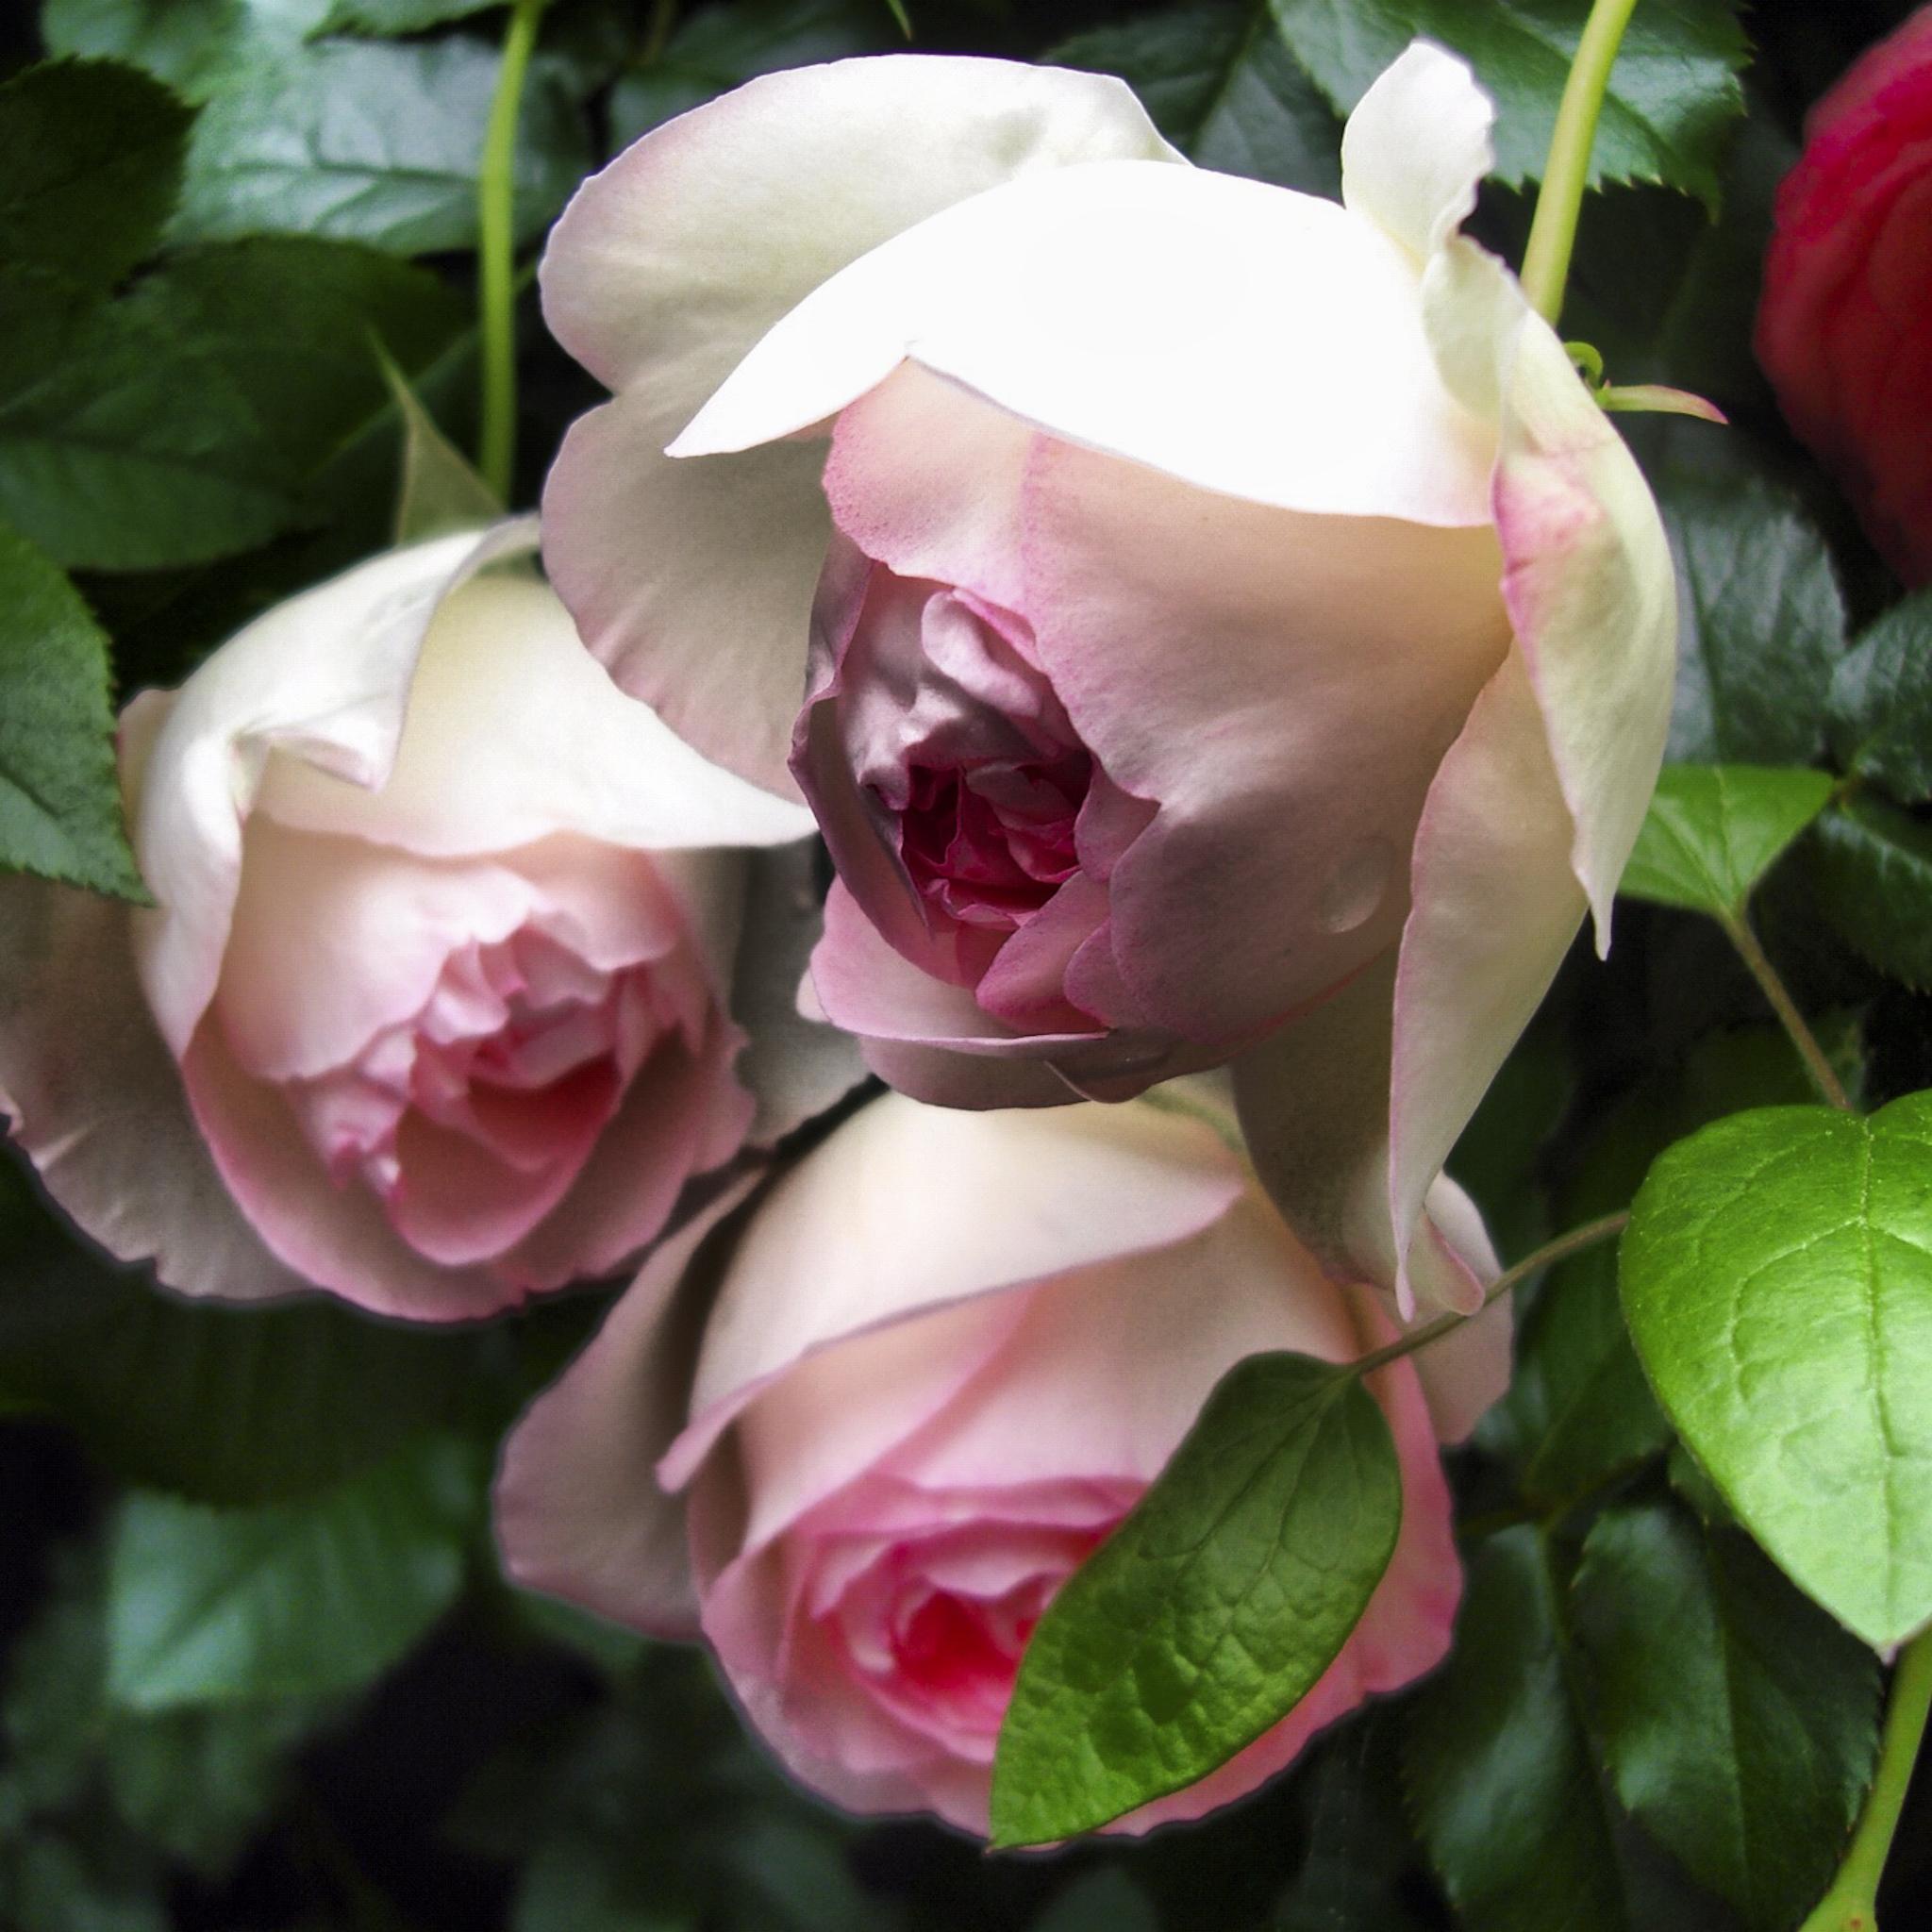 NE_Flowers_045.jpg